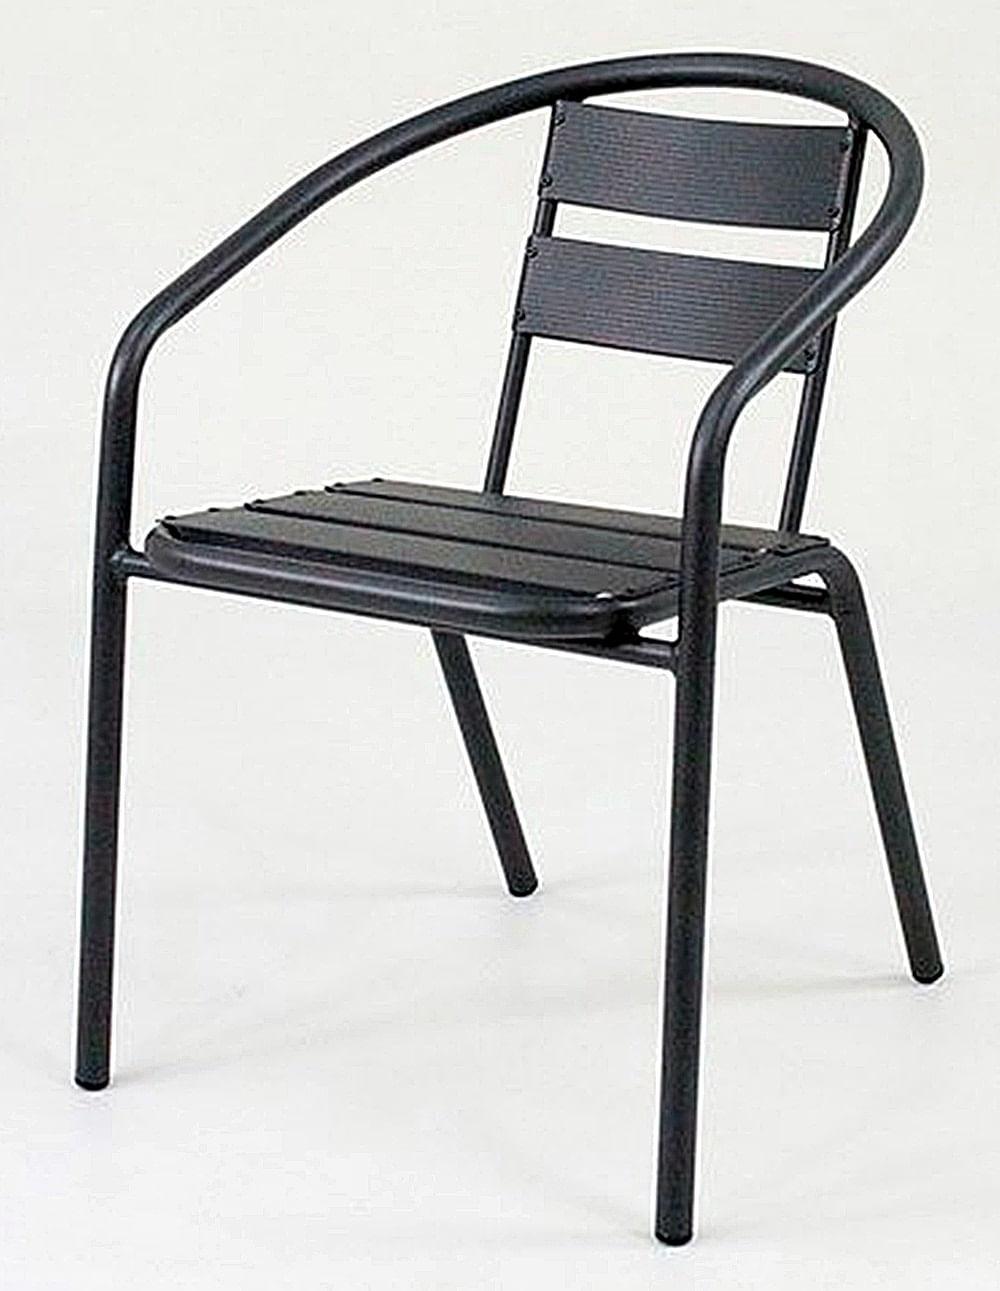 Cadeira Fun em Aluminio Preta - 58399